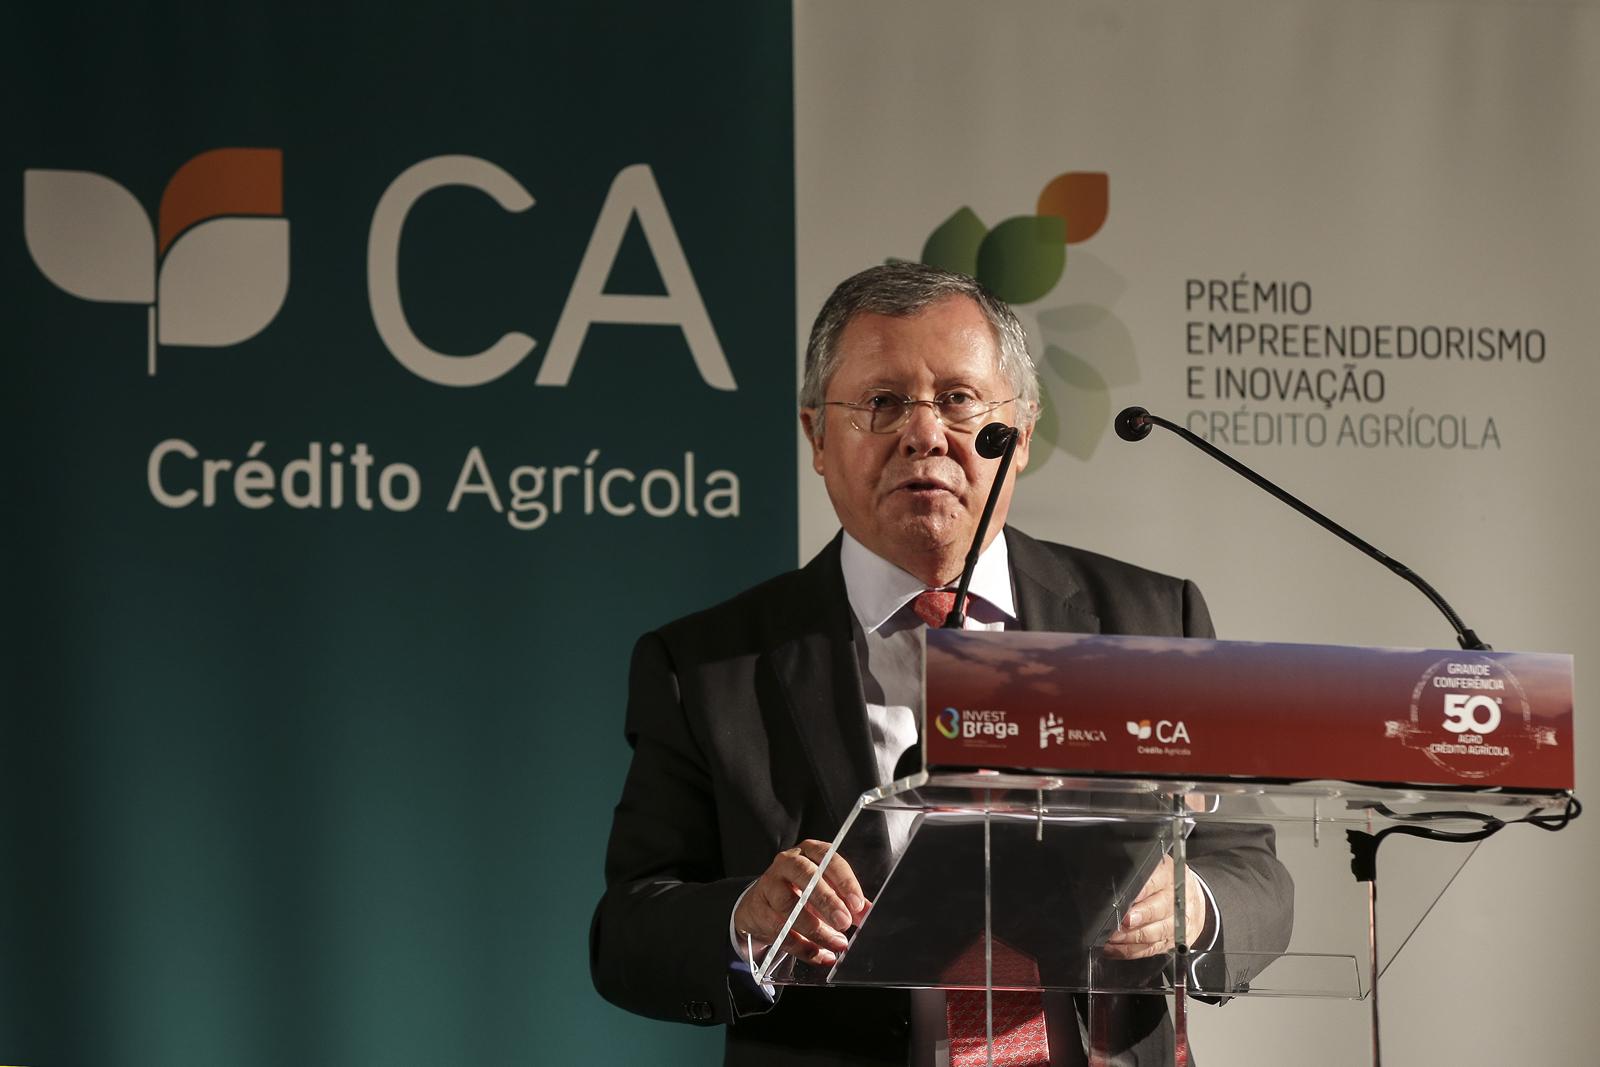 O Secretário de Estado da Agricultura e Alimentação, Dr. Luís Medeiros Vieira, discursou sobre a importância da agricultura para a economia portuguesa